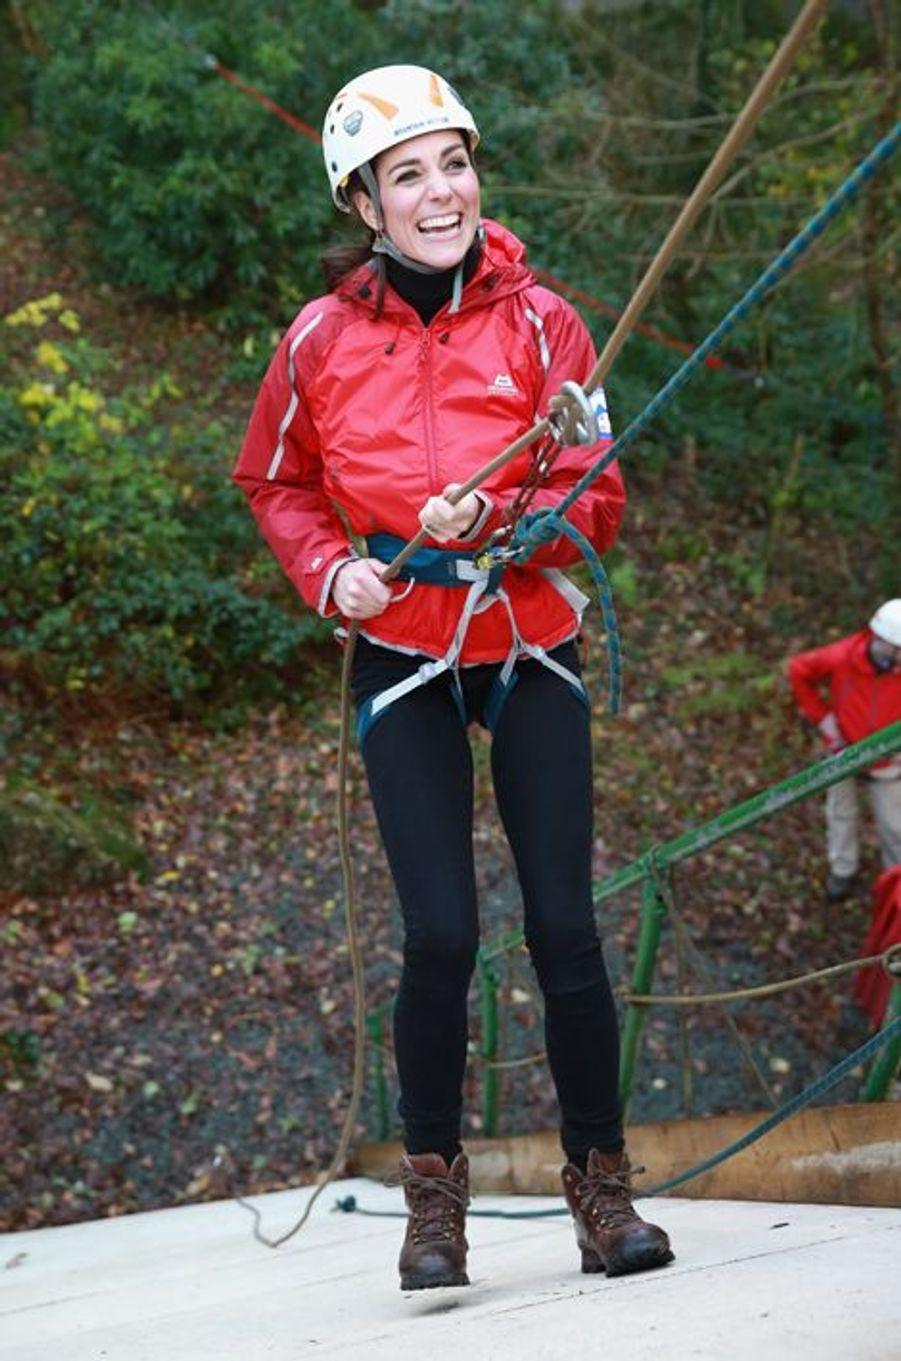 La duchesse de Cambridge Kate à Capel Curig en Galles du Nord, le 20 novembre 2015